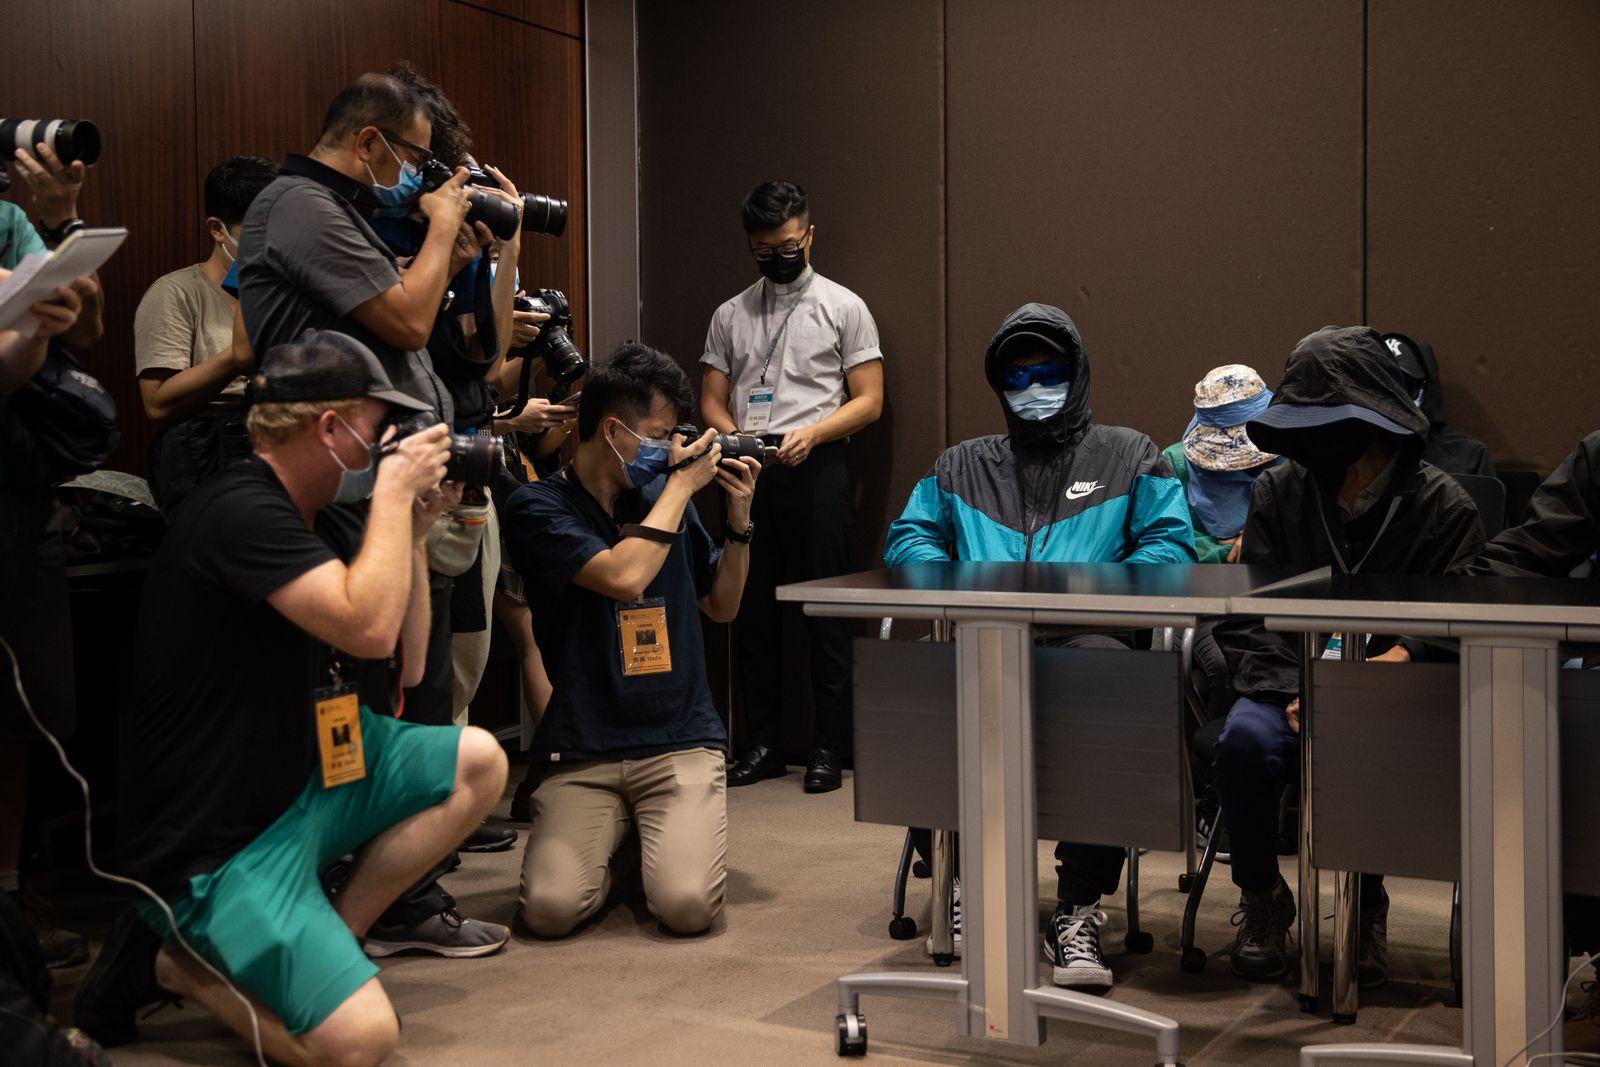 Relatives of 12 Hongkongers in China custody attend a press conference., Hong Kong - 12 Sep 2020